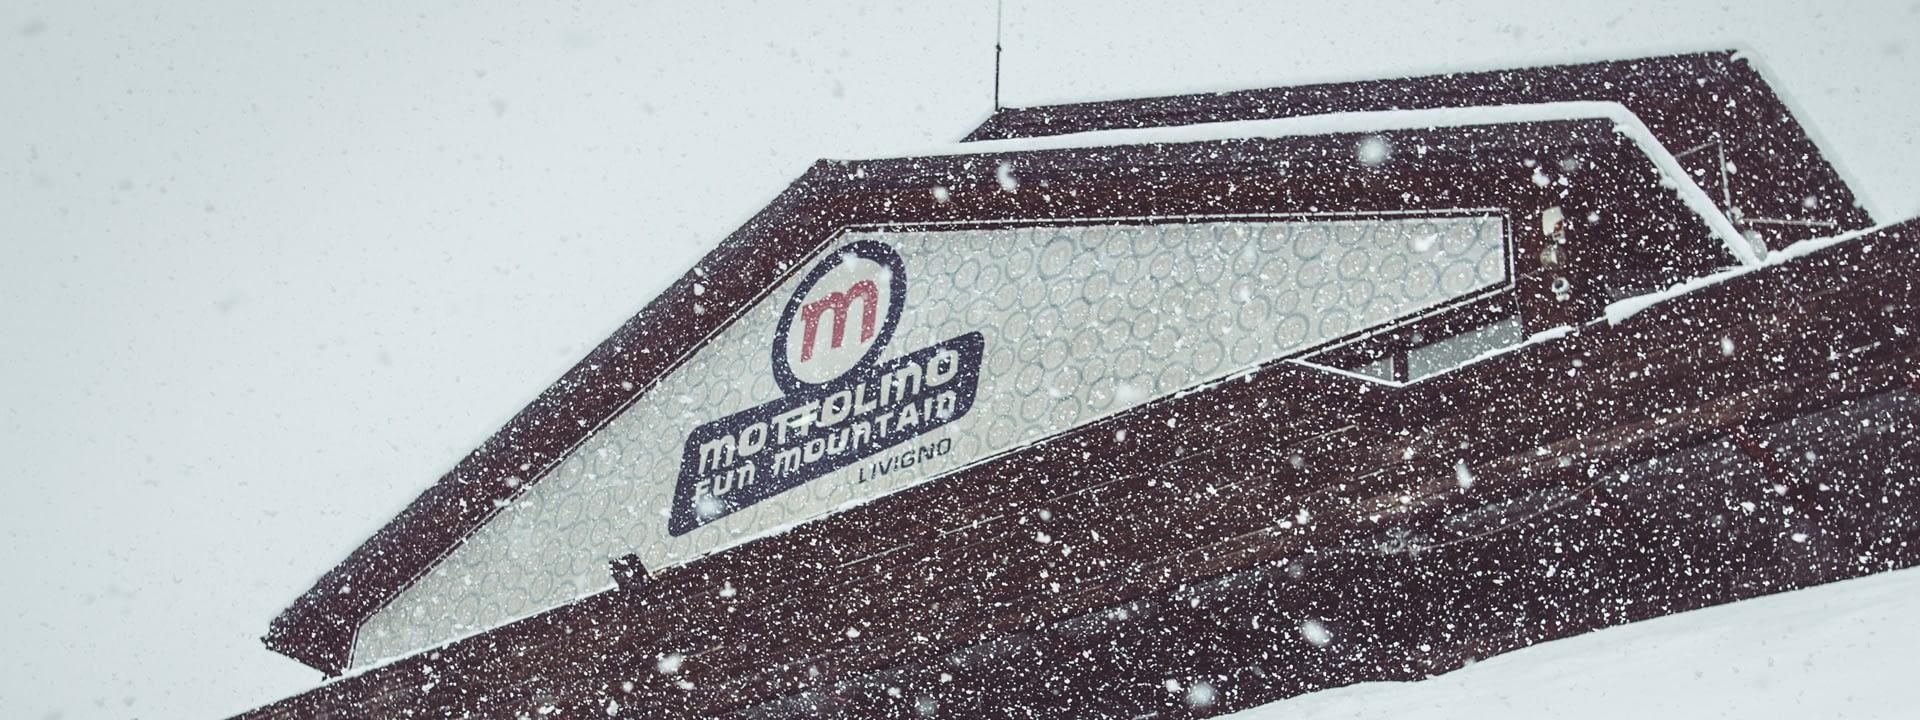 Vista sulla sede Mottolino Fun Mountain a Livigno